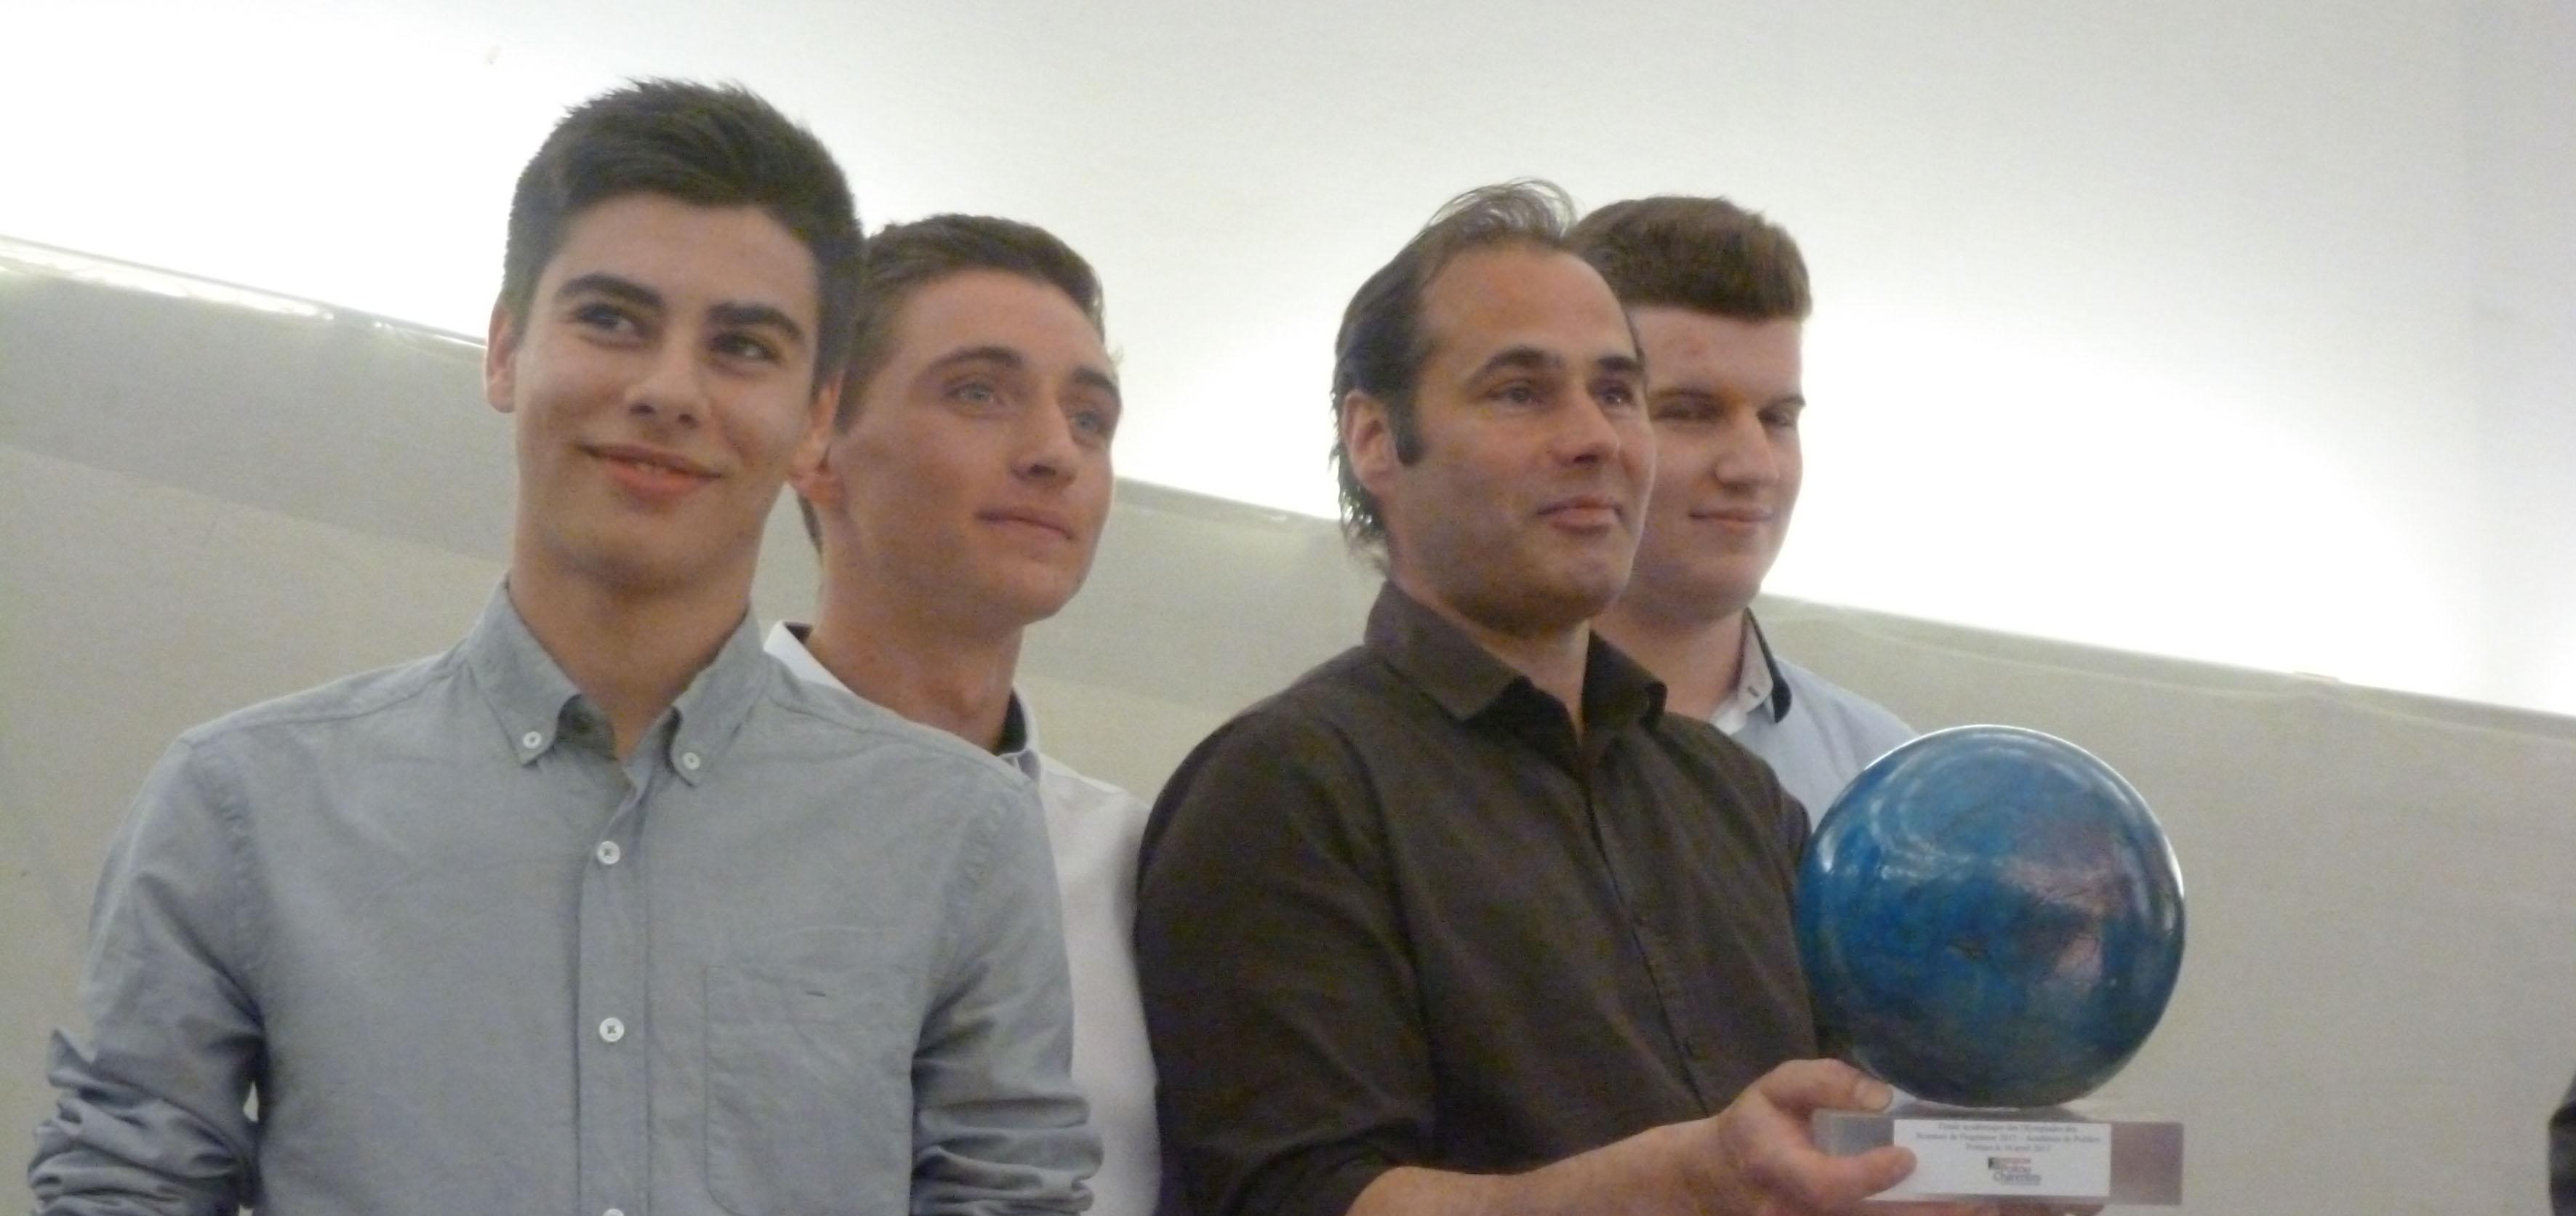 Isaac de l'Etoile remporte les Olympiades SI régionales